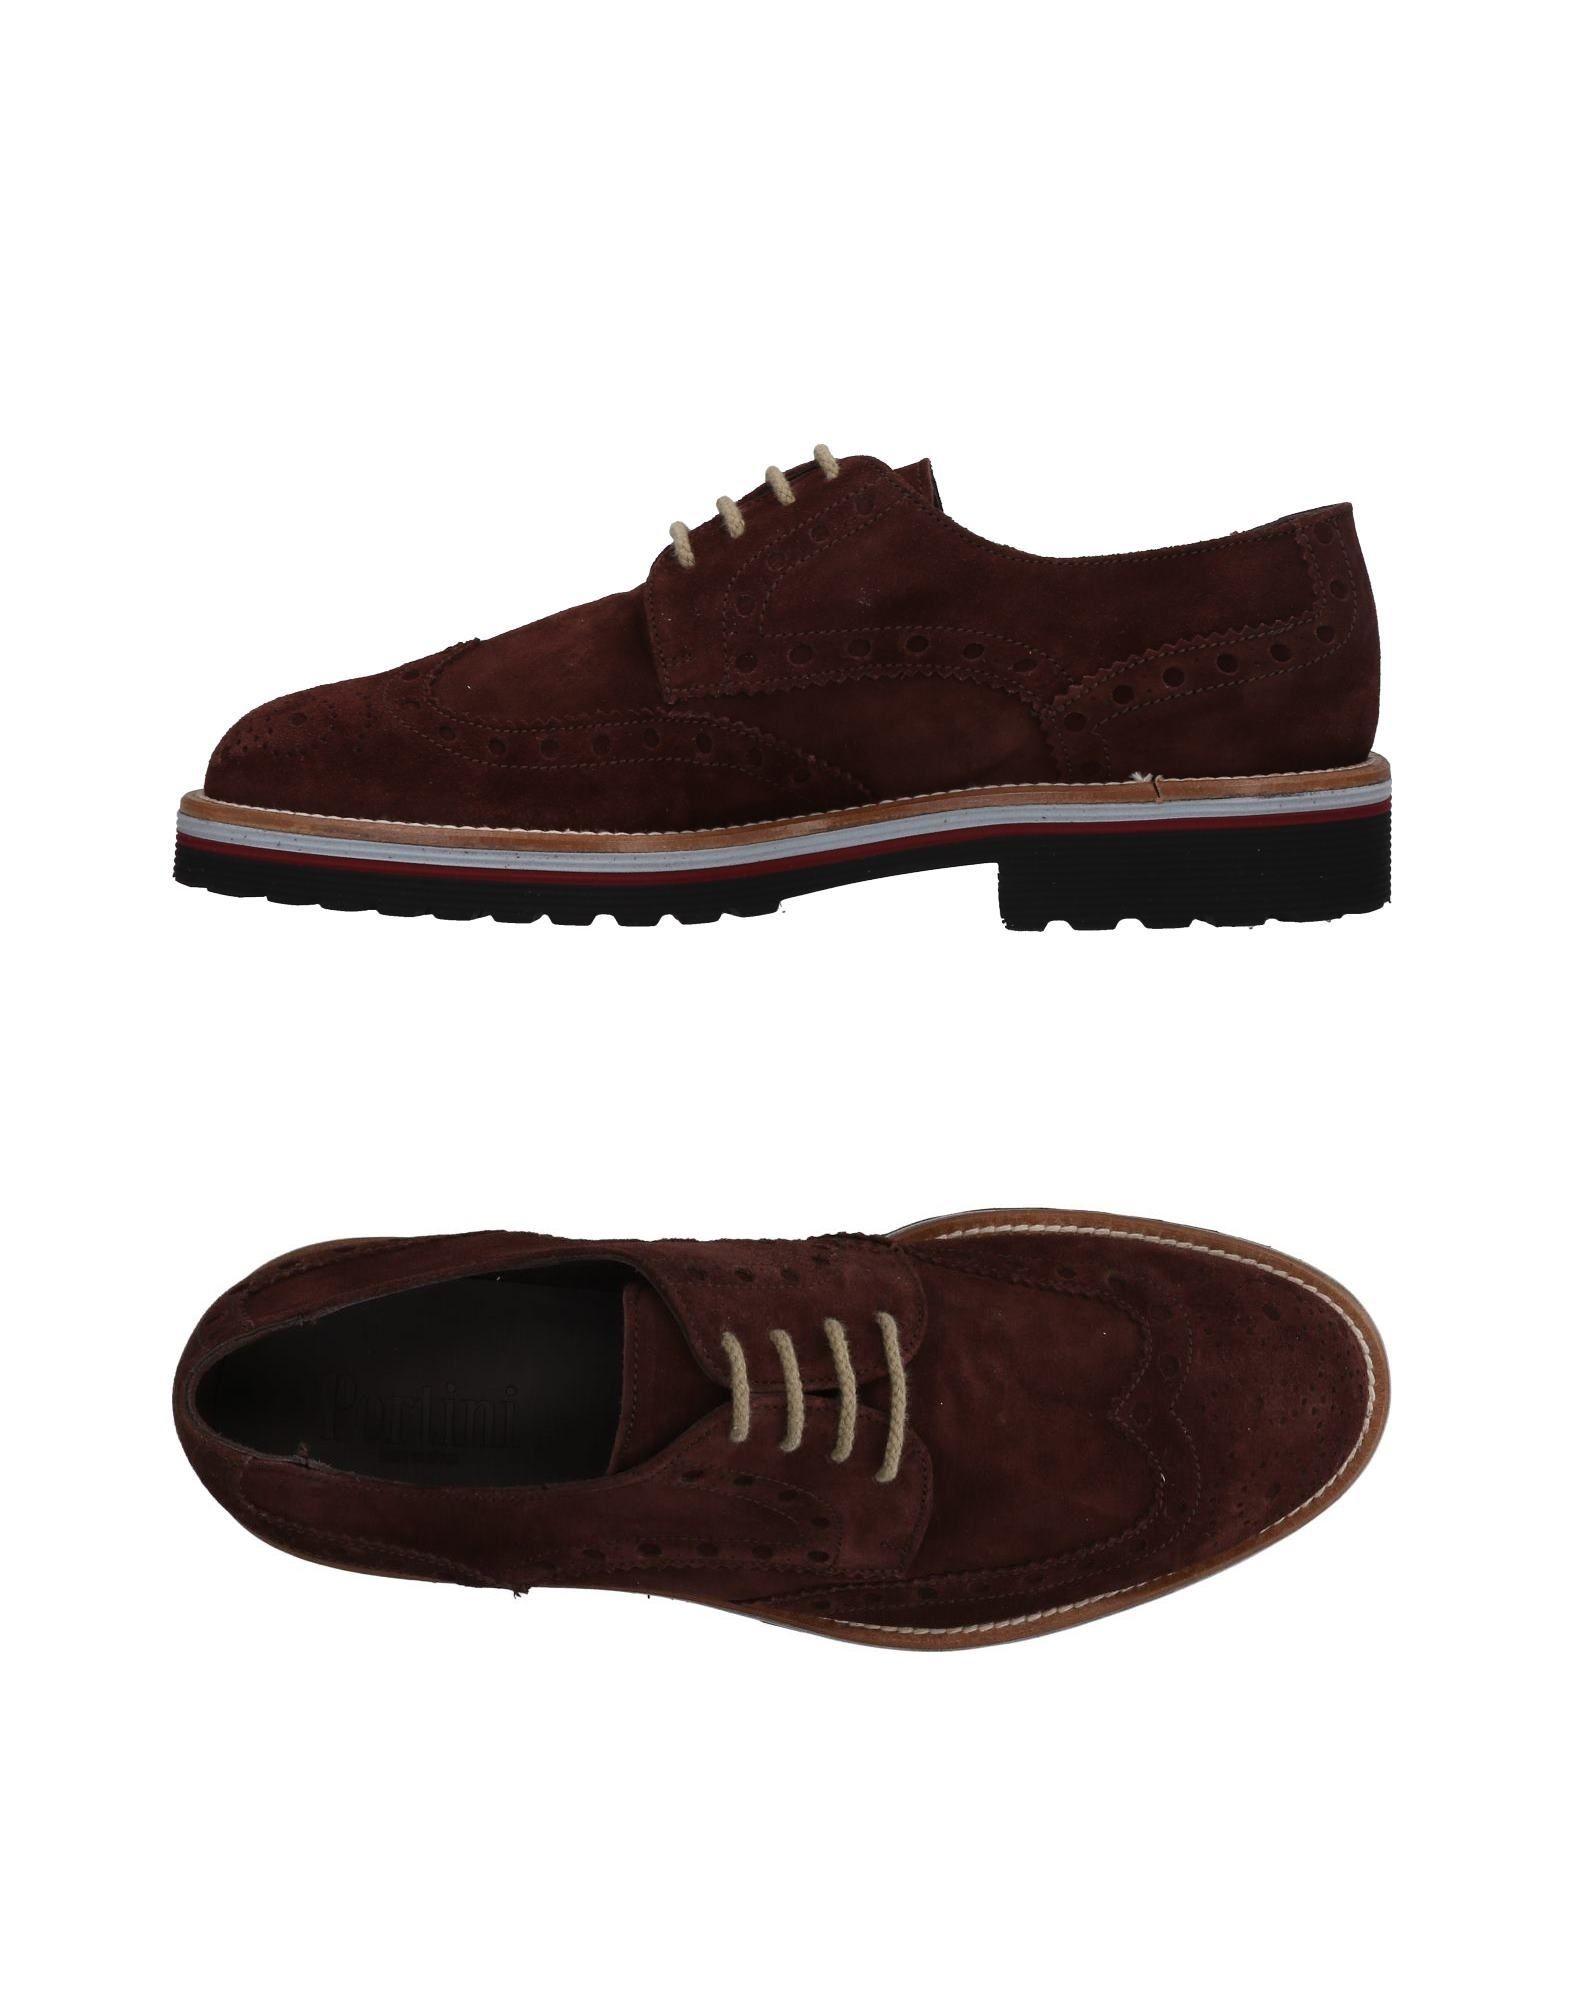 Rabatt echte Schuhe Pertini Schnürschuhe Herren  11486600IW